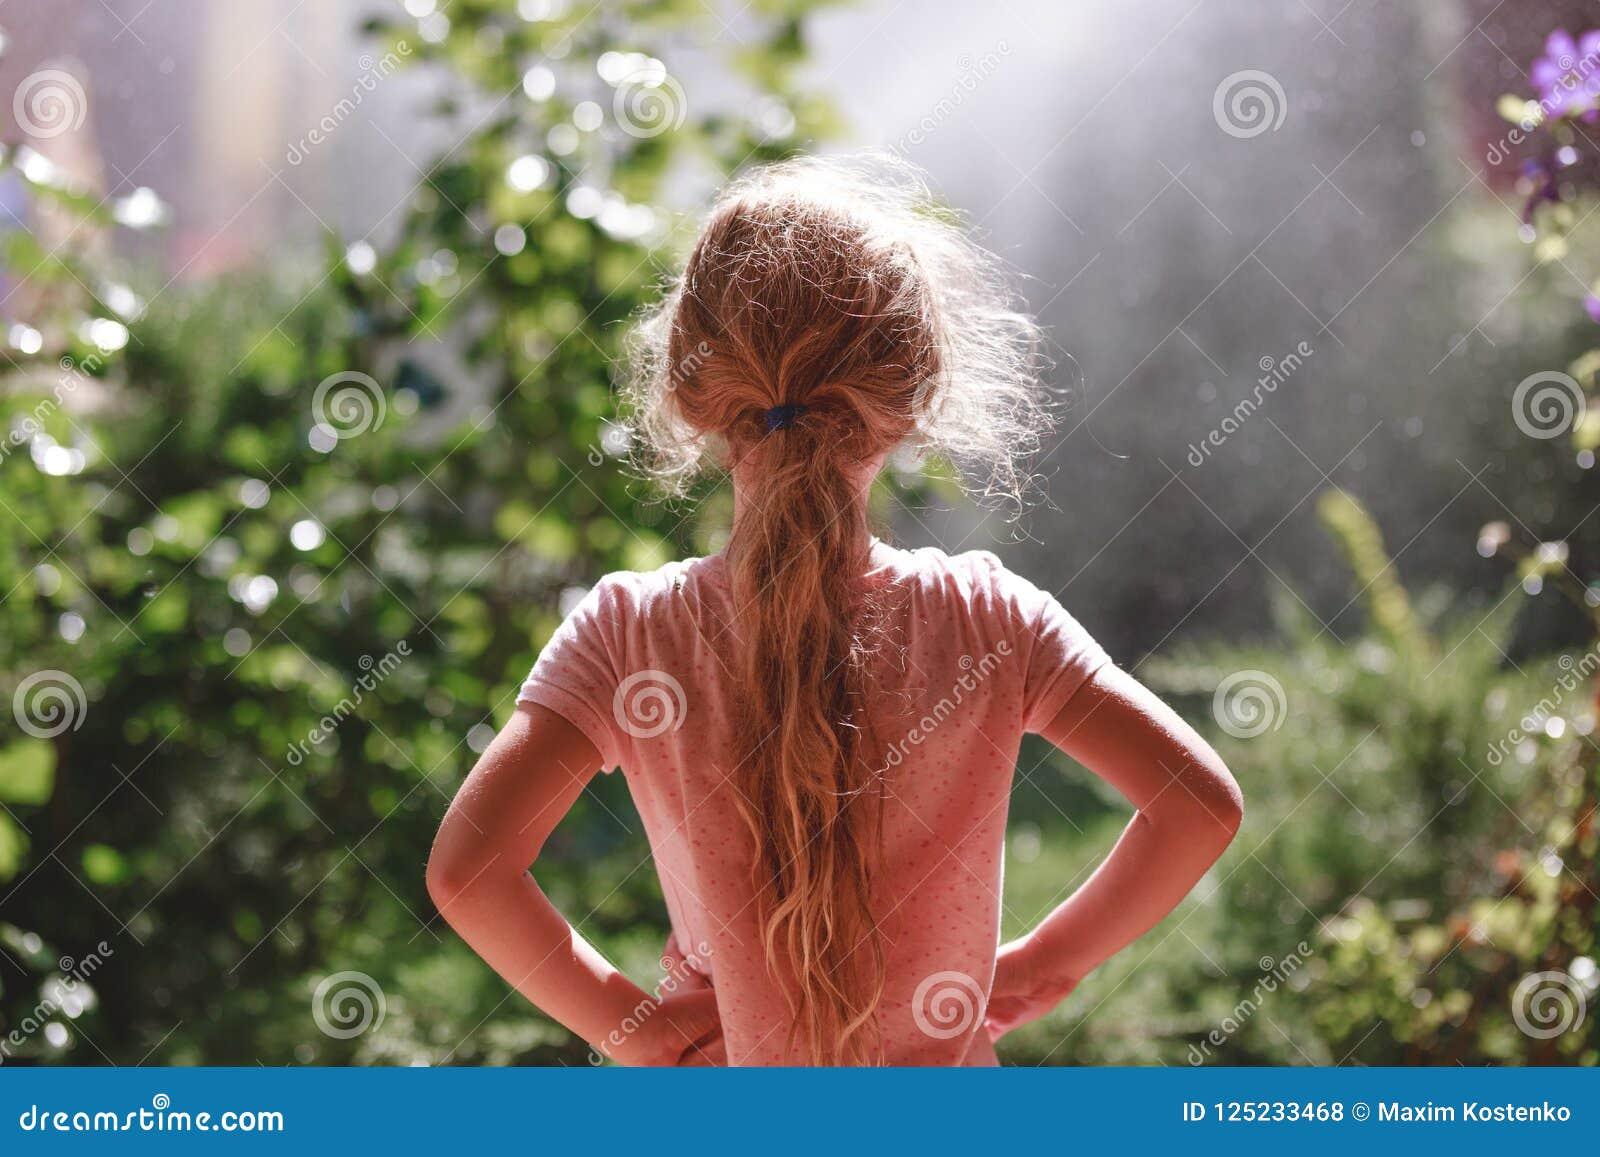 站立七岁白肤金发的女孩佩带的睡衣后面看法室外在家庭菜园在清早